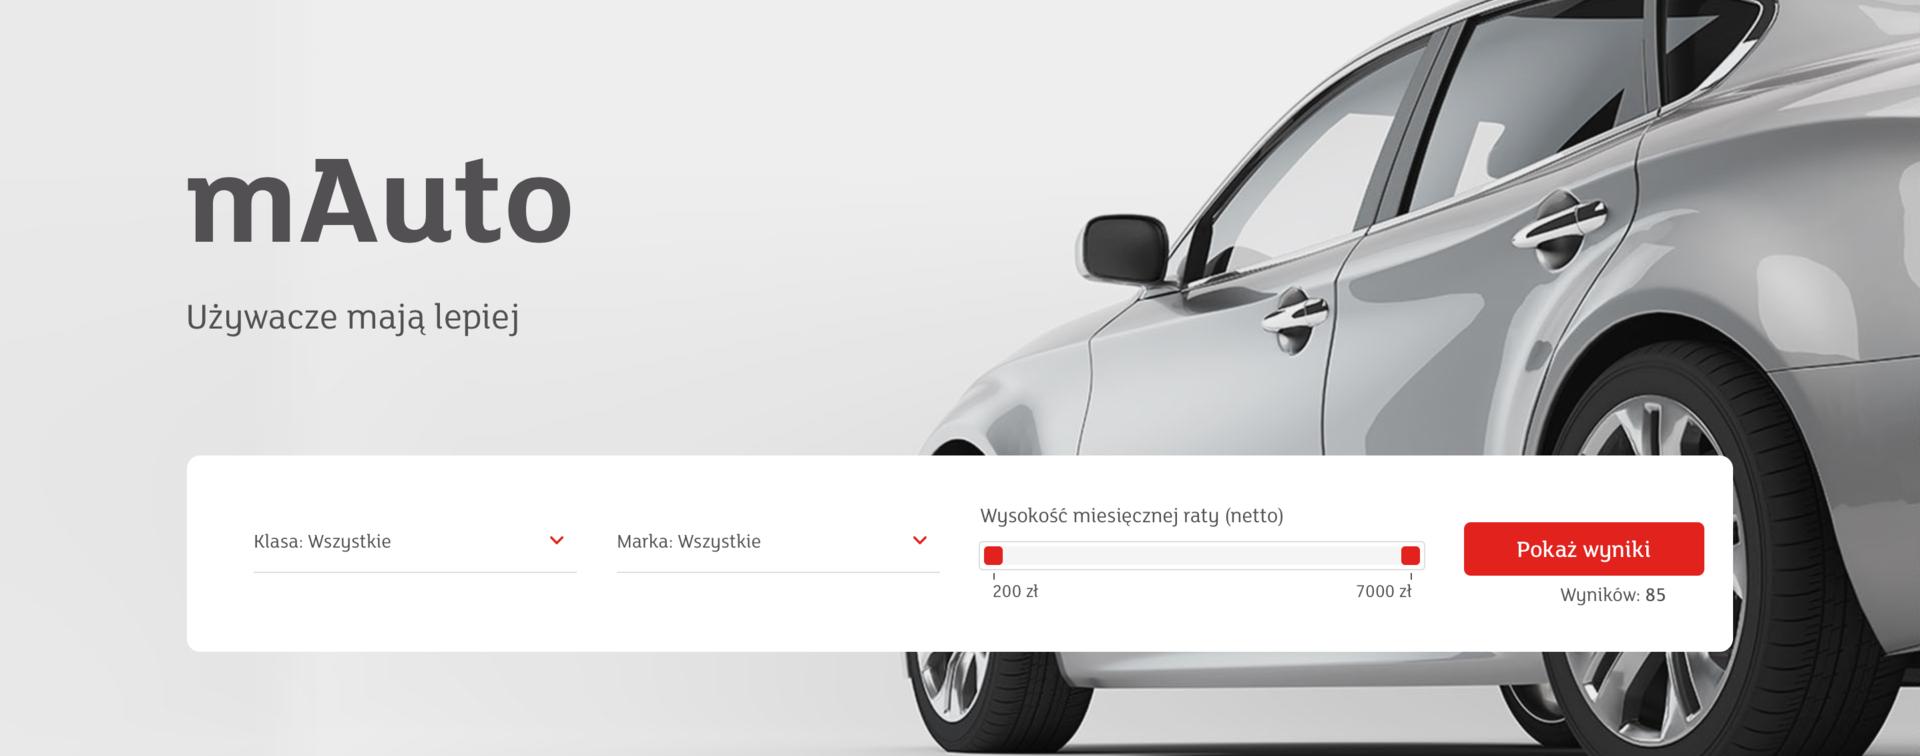 VML Poland wdraża serwis internetowy mAuto